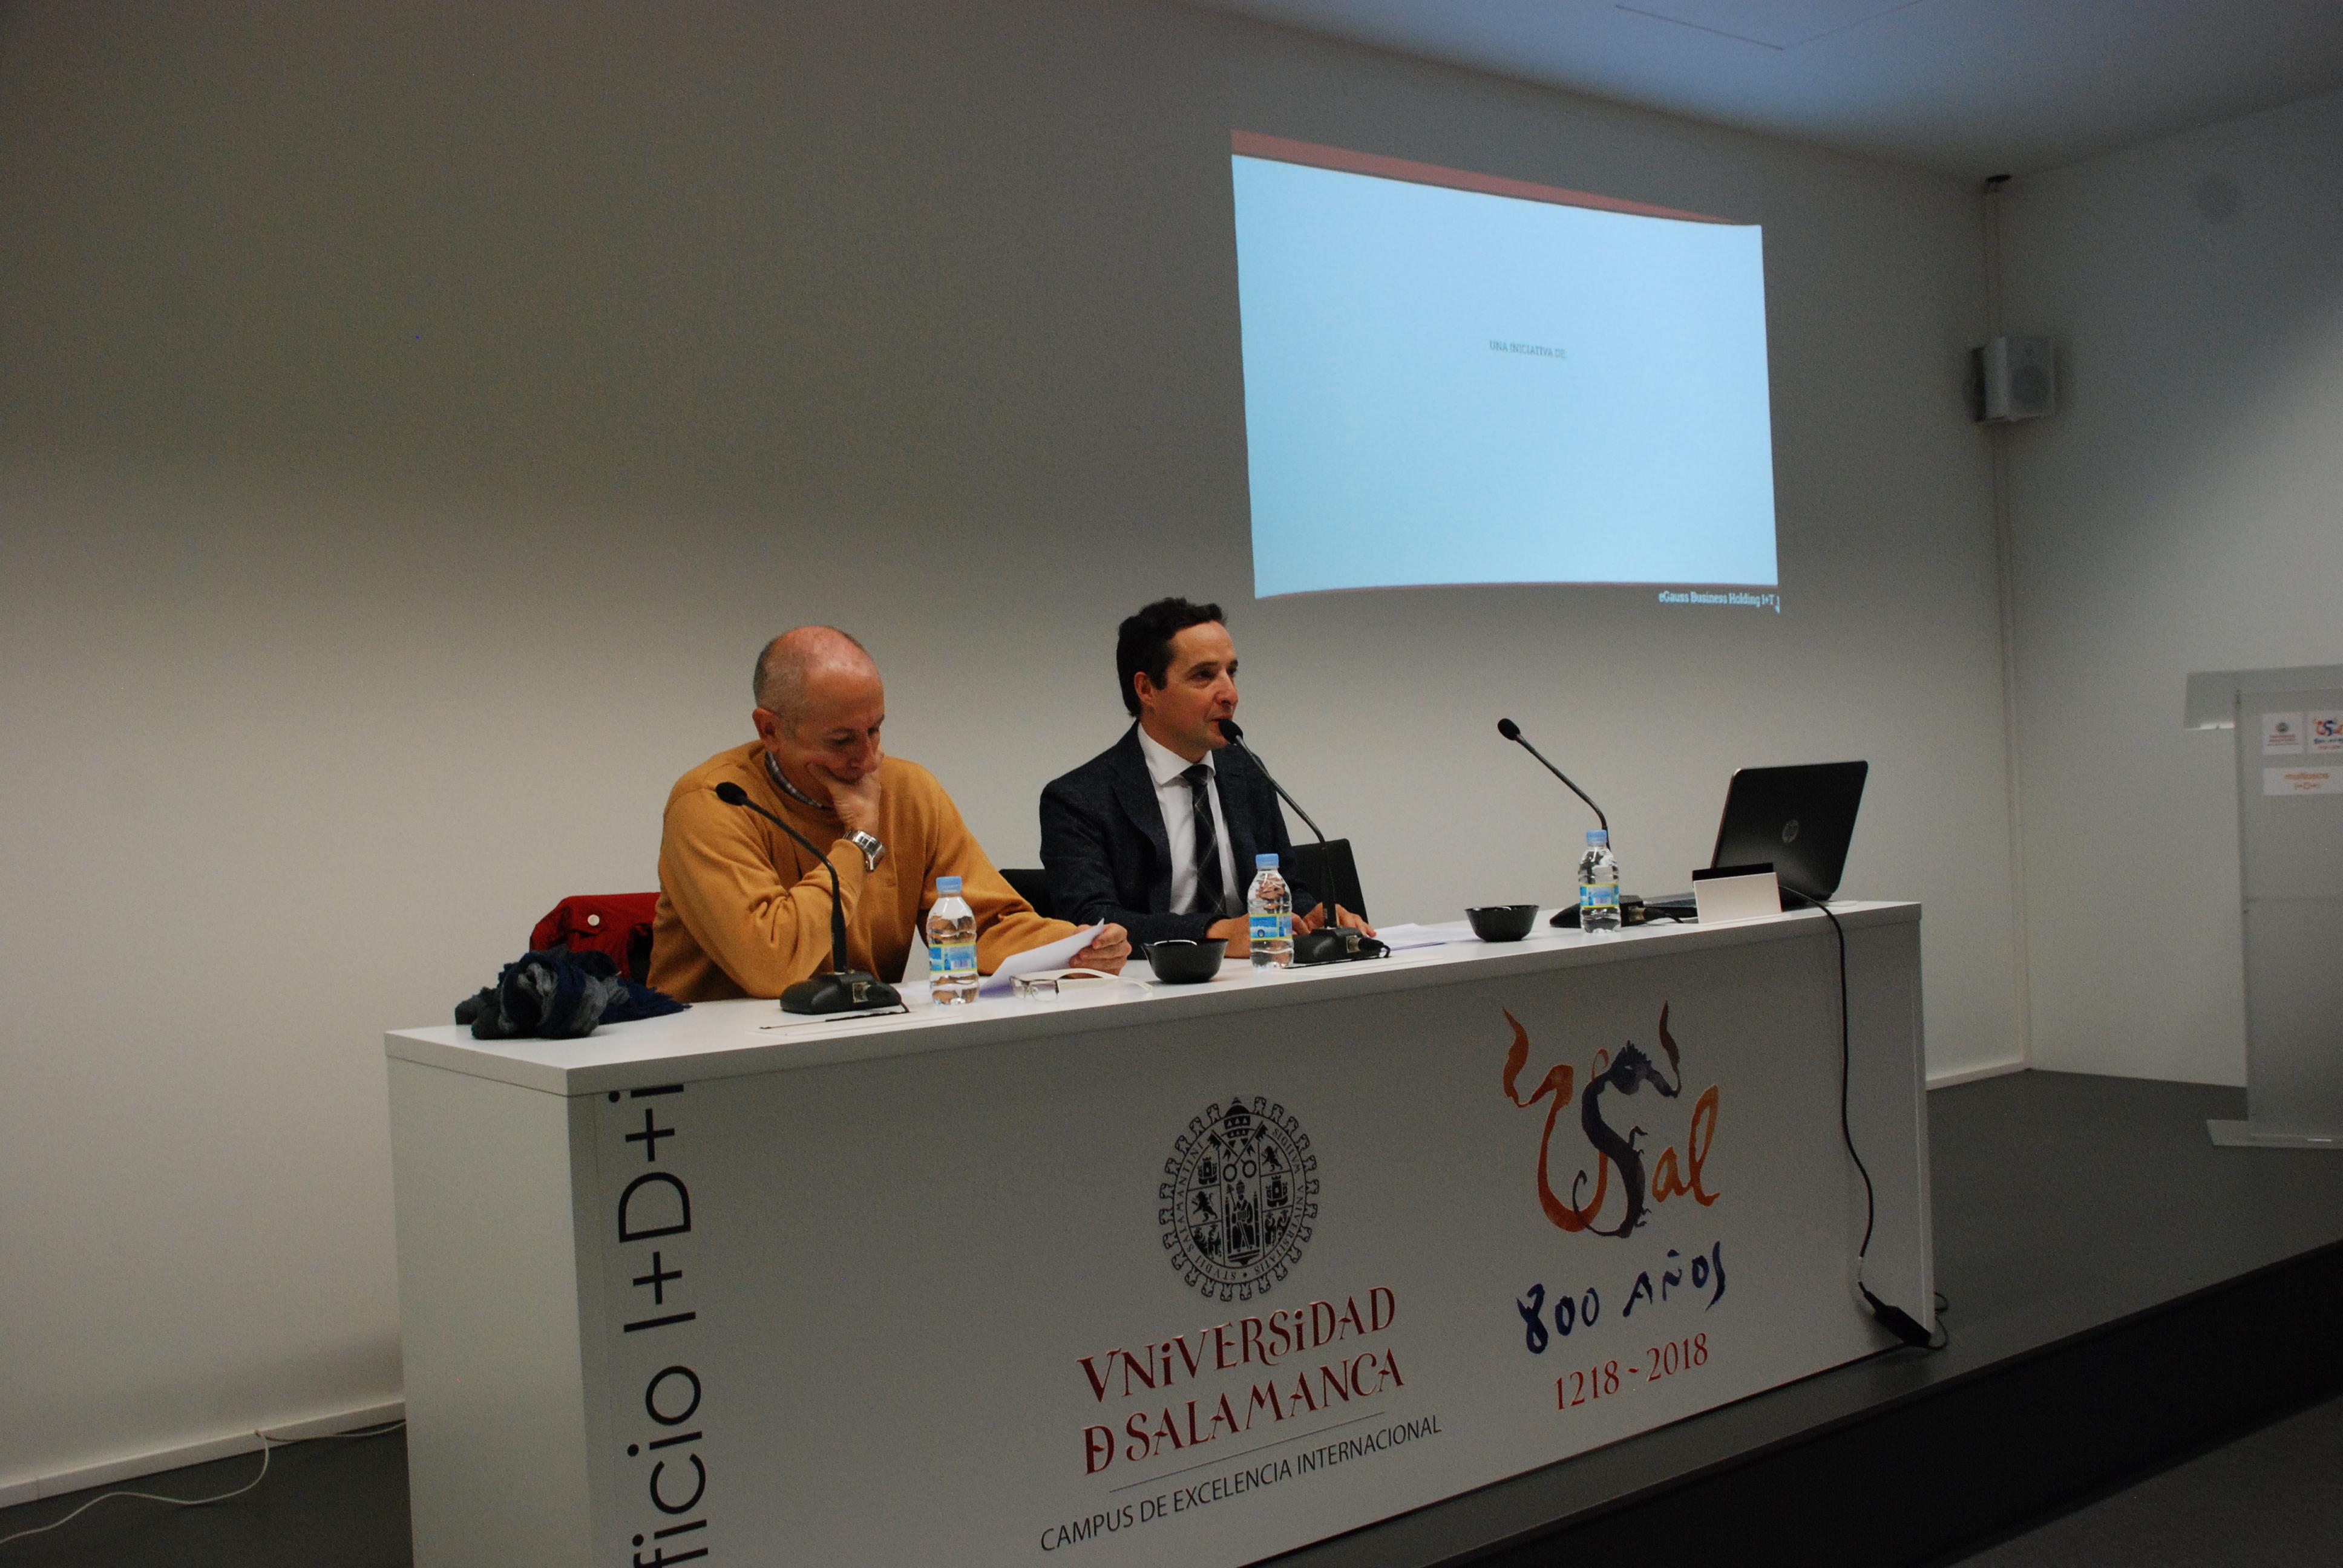 La Universidad de Salamanca participa en la IV edición del Global ImasT en 2016